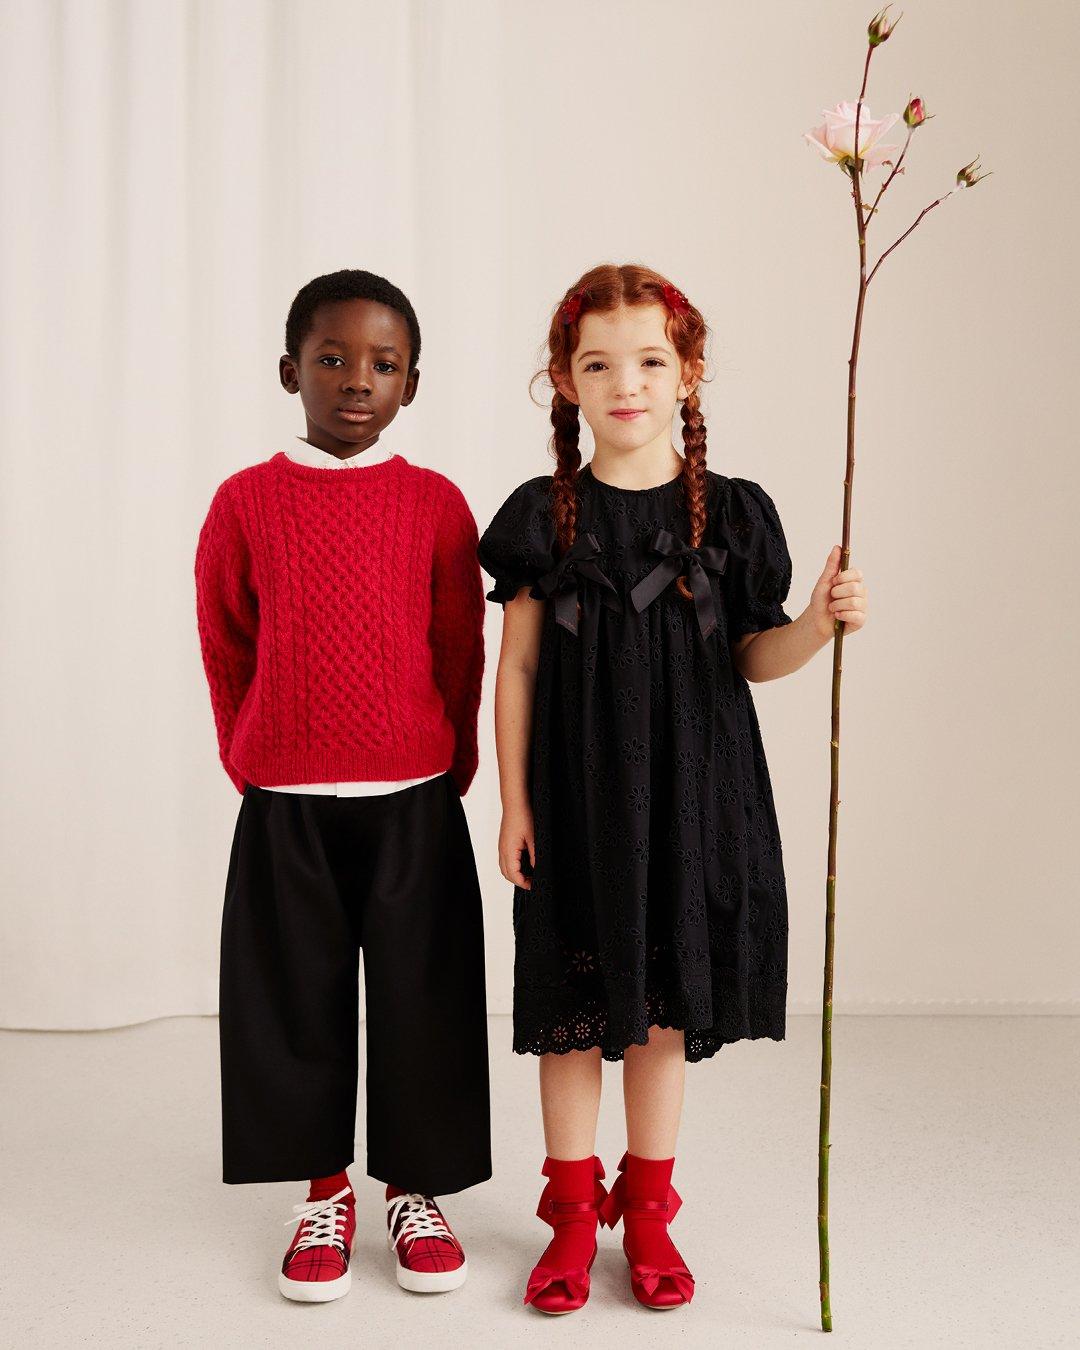 시몬로샤 H&M 콜라보 컬렉션의 아동복 모습이다.